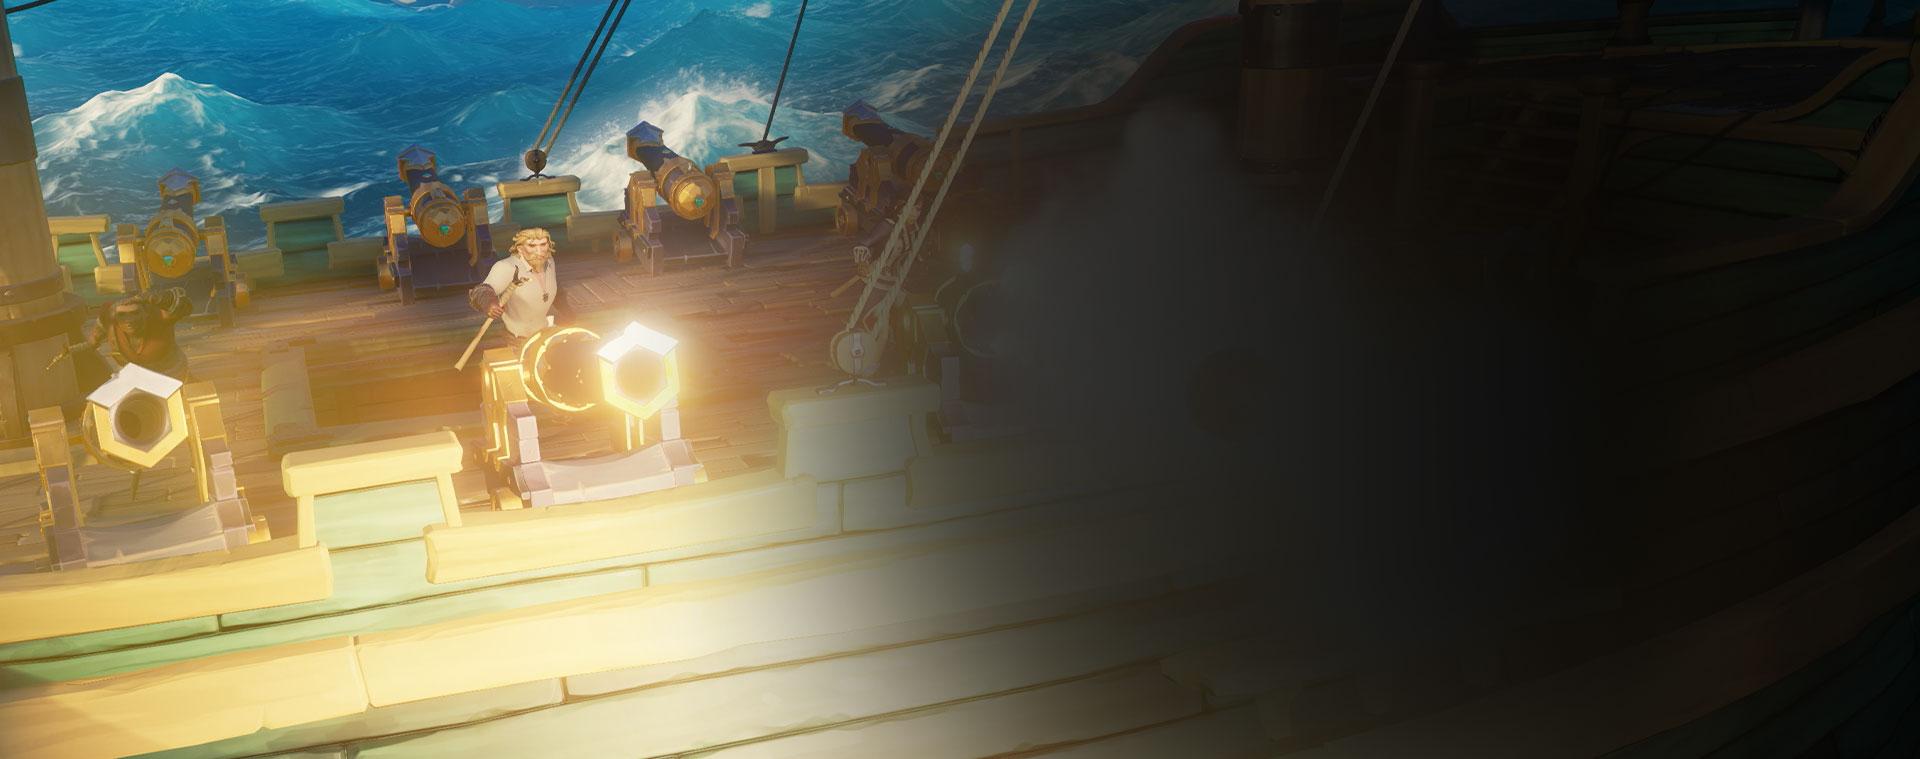 Sea of Thieves 中的角色從船上發射大炮